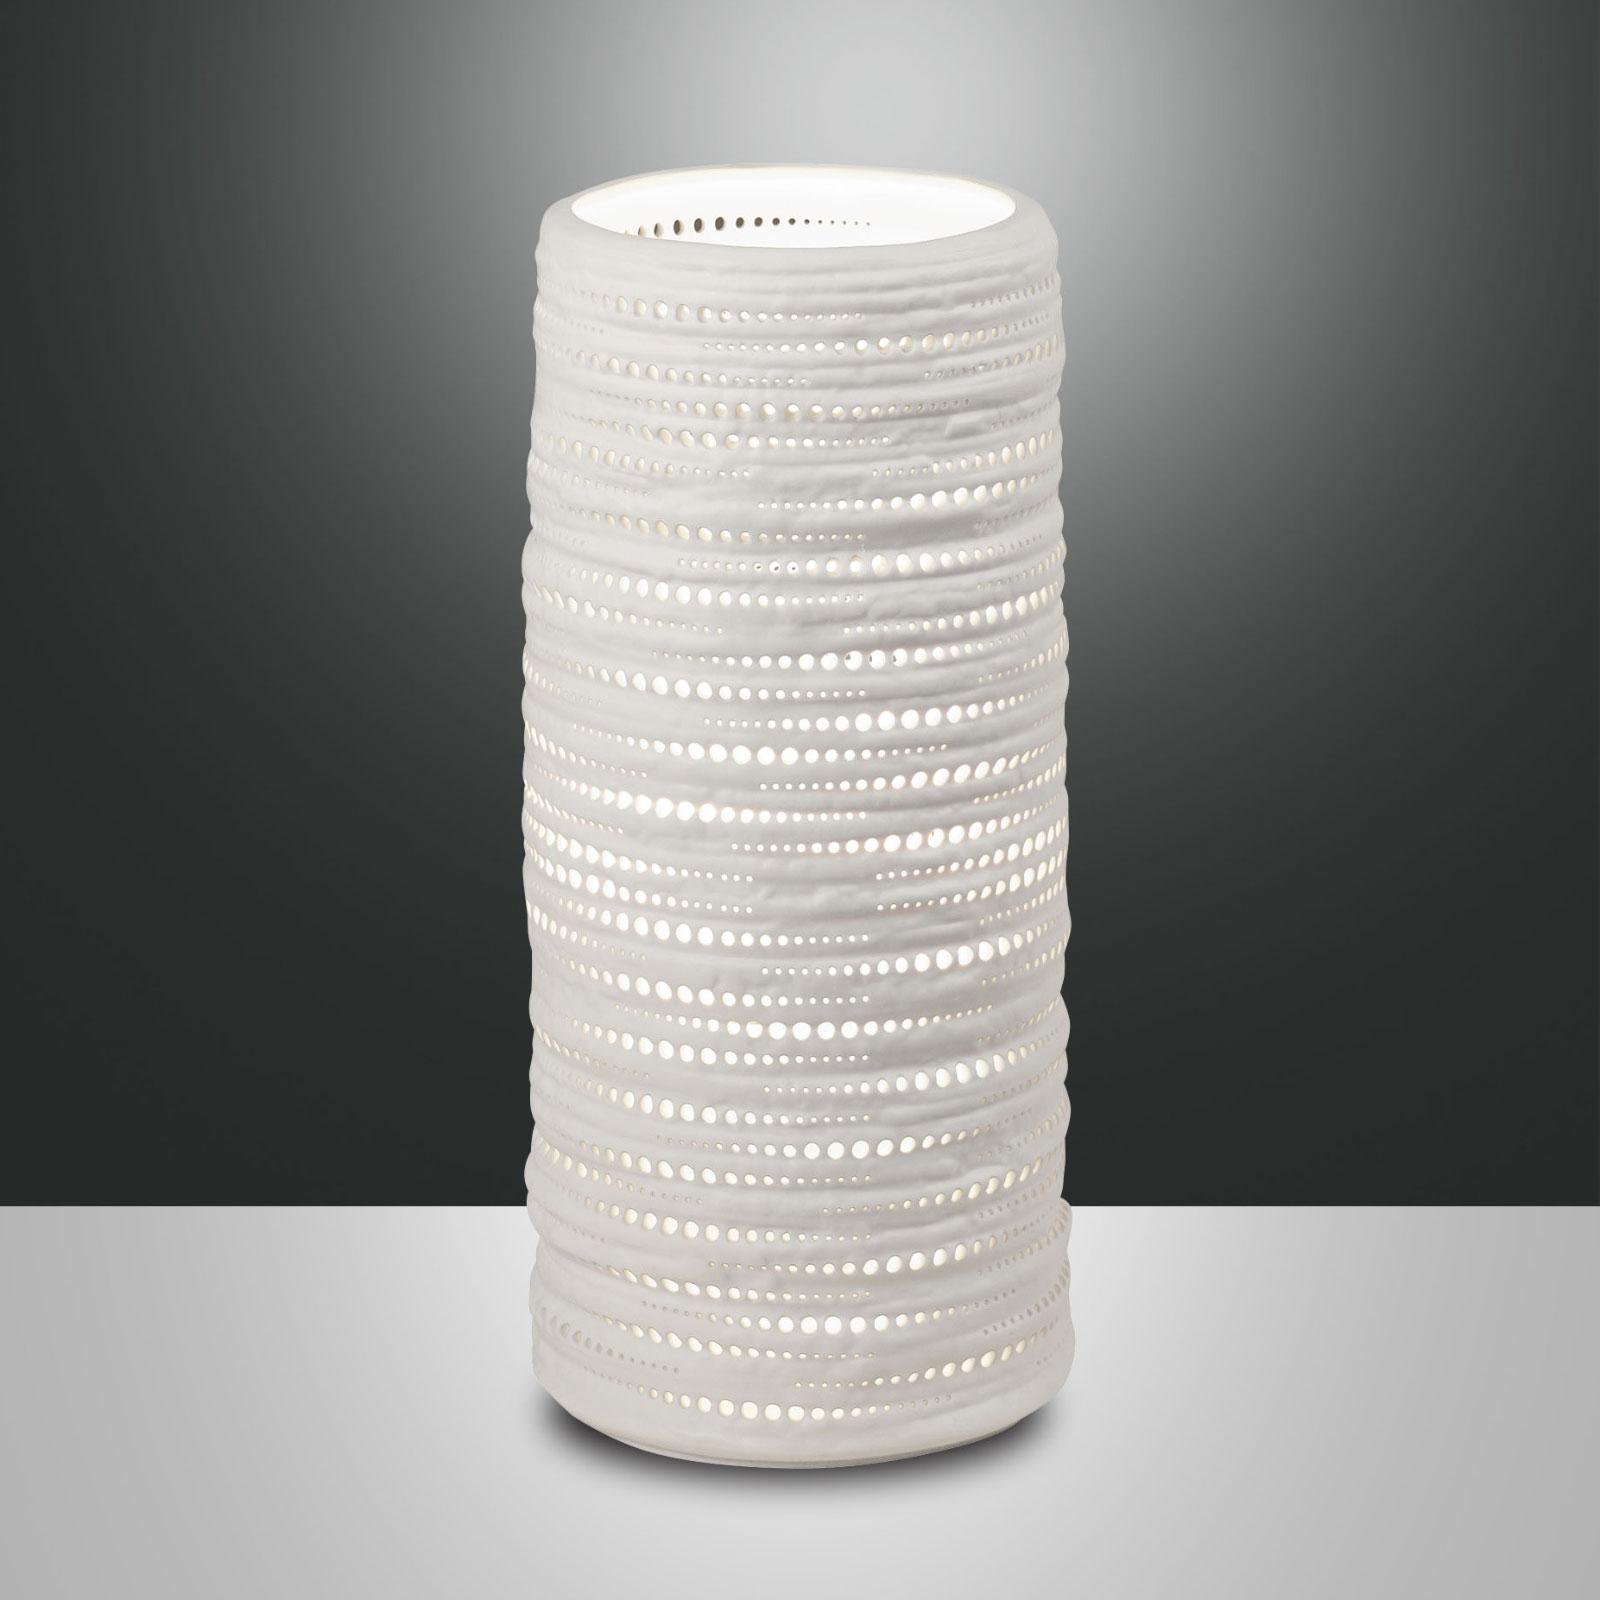 Lampe à poser Marbella en céramique, hauteur 25cm